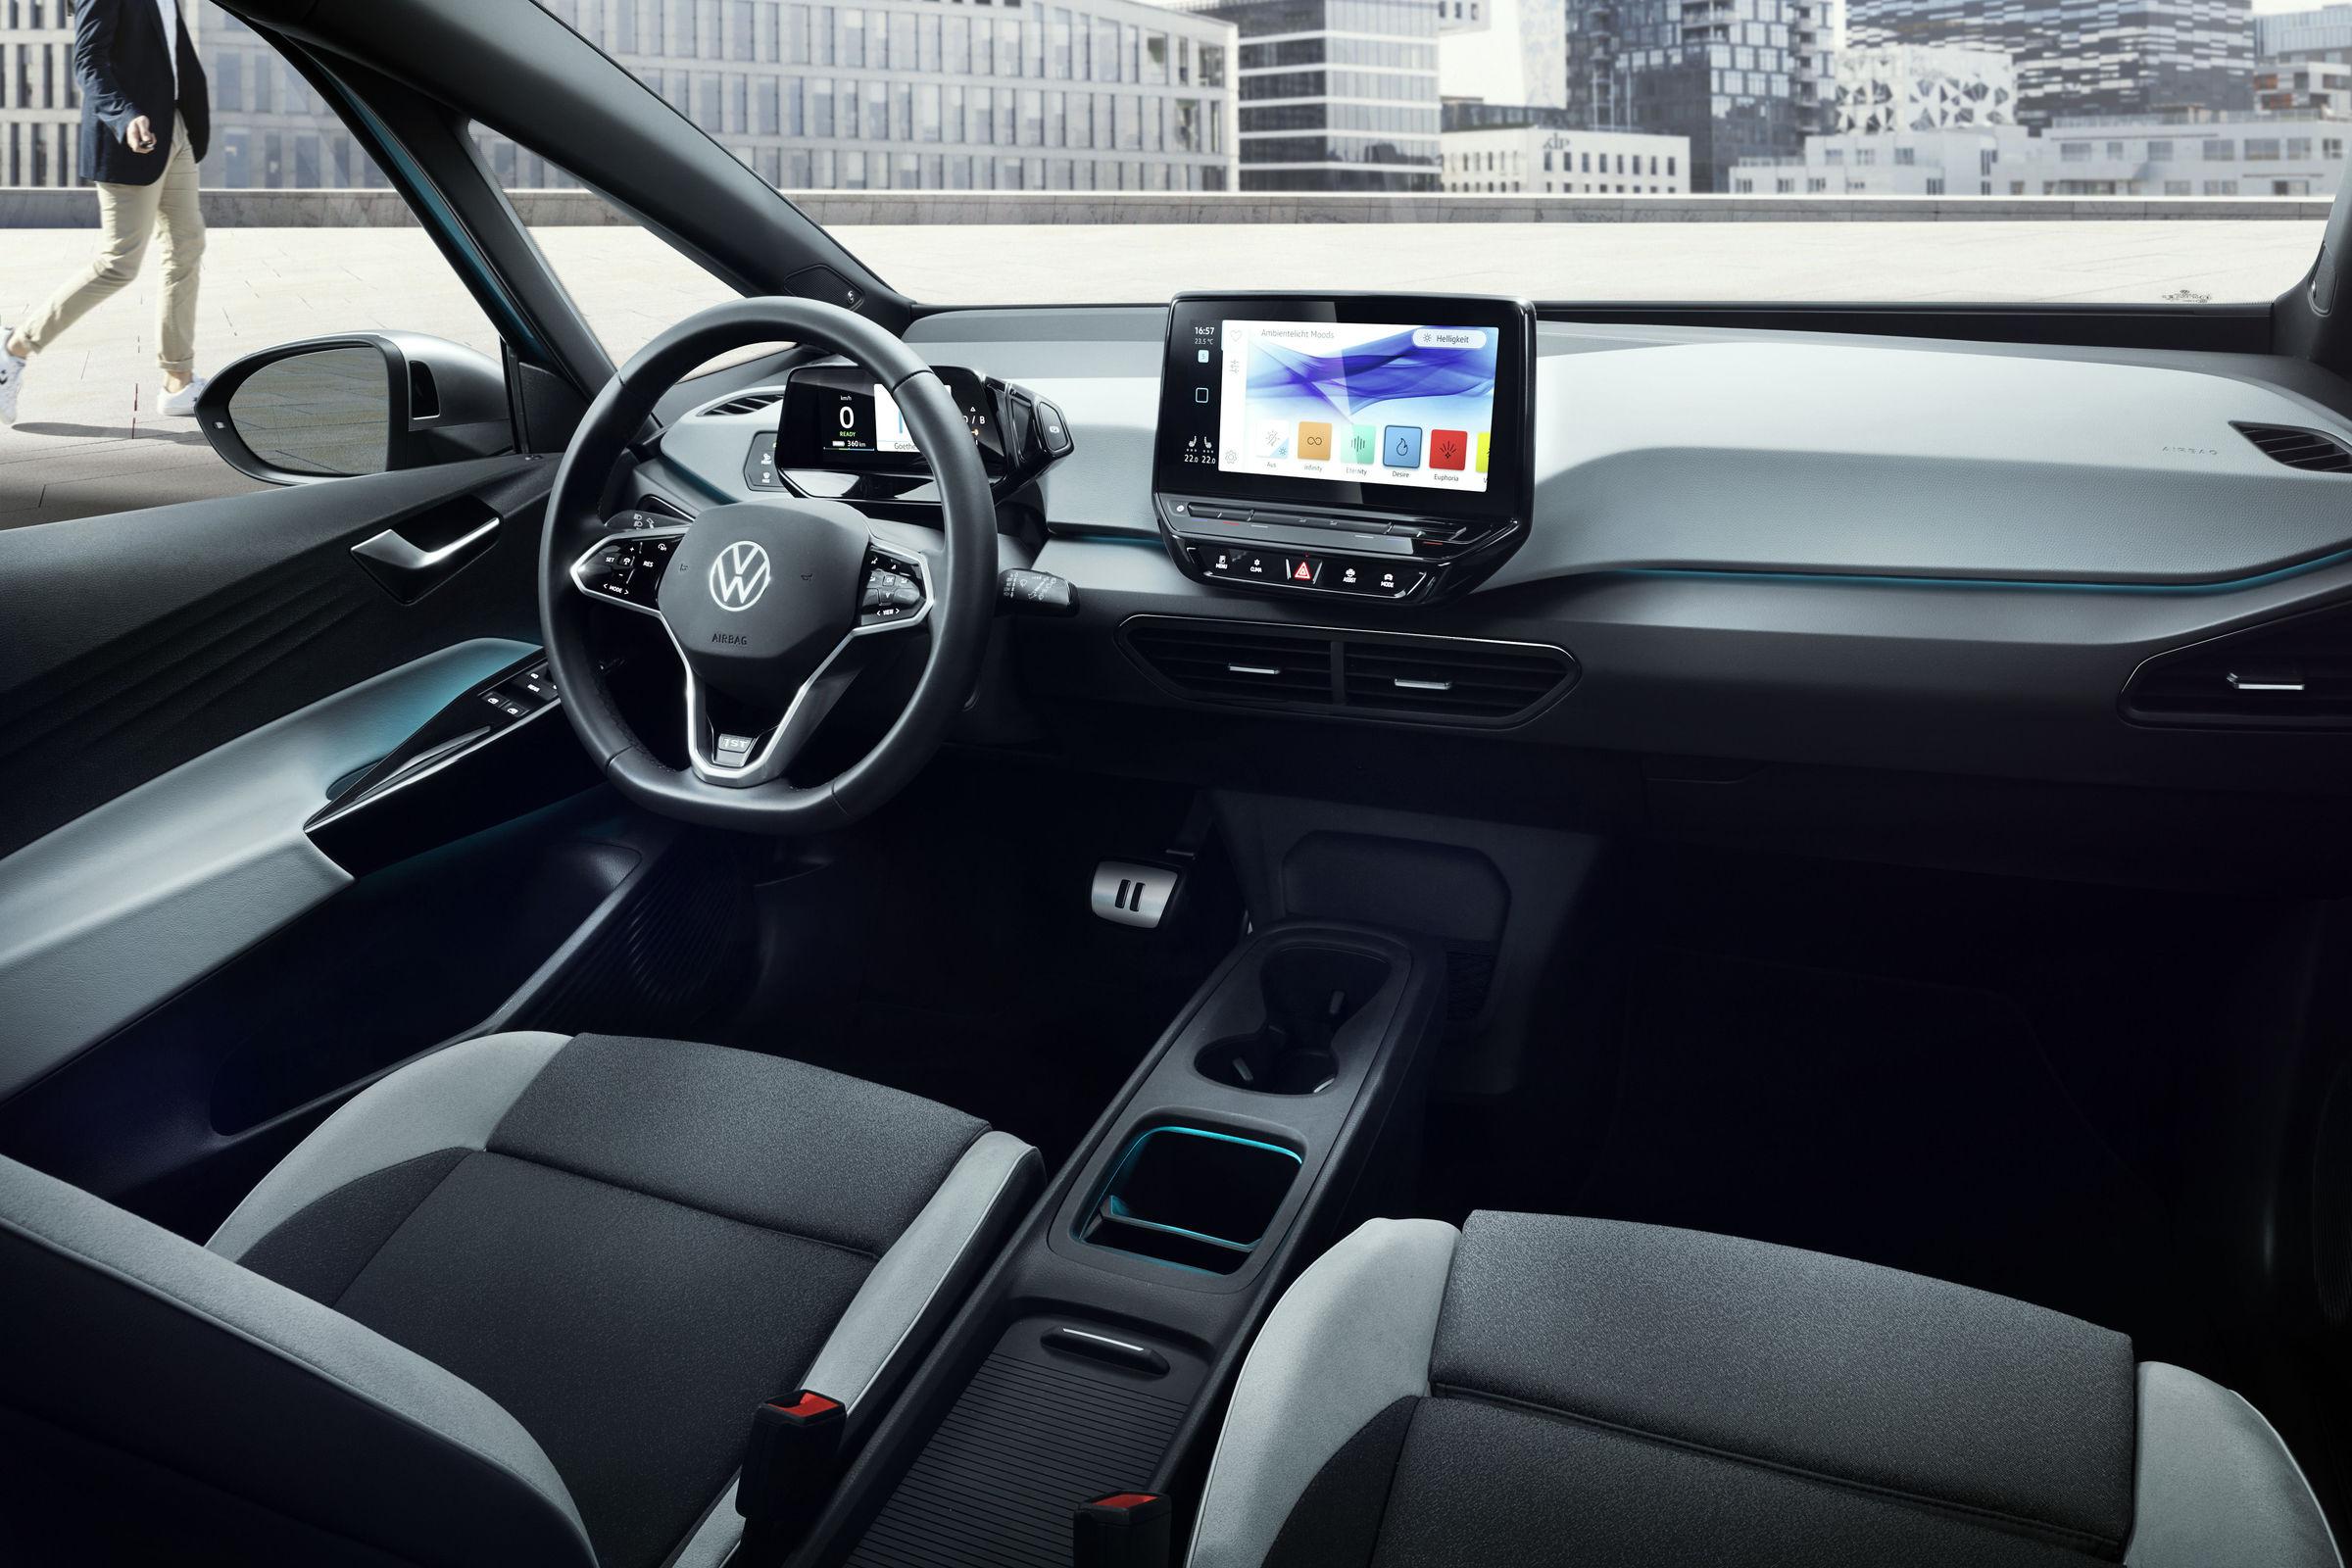 Elektroauto: VW stellt ID.3 offiziell vor - Volkswagen ID.3 (Bild: Volkswagen)